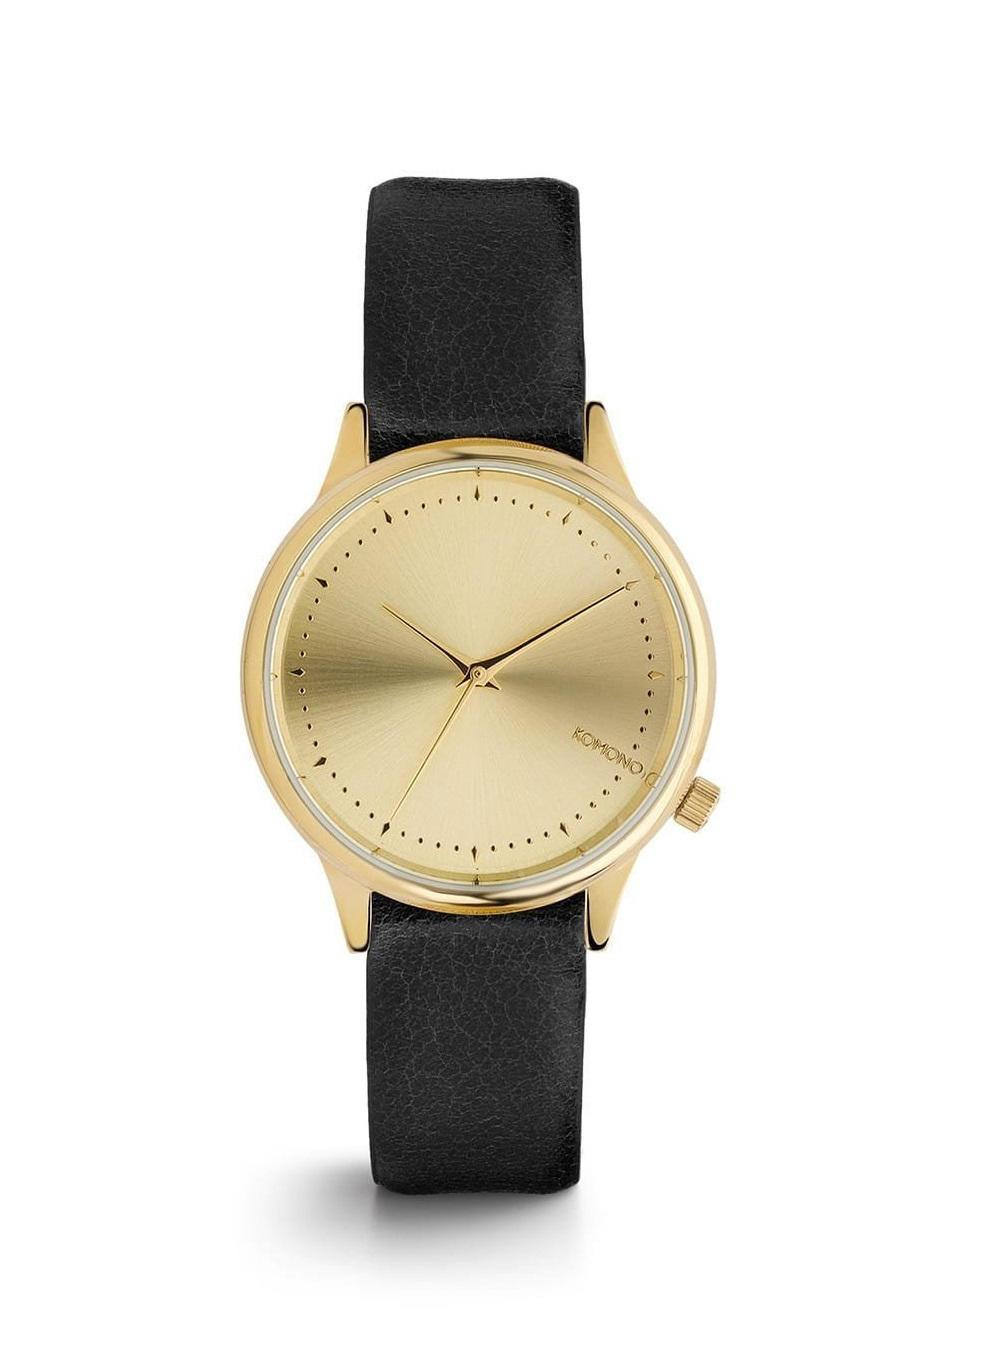 Komono Dámské hodinky Komono Estelle Black, černá barva, zlatá barva, kov, kůže